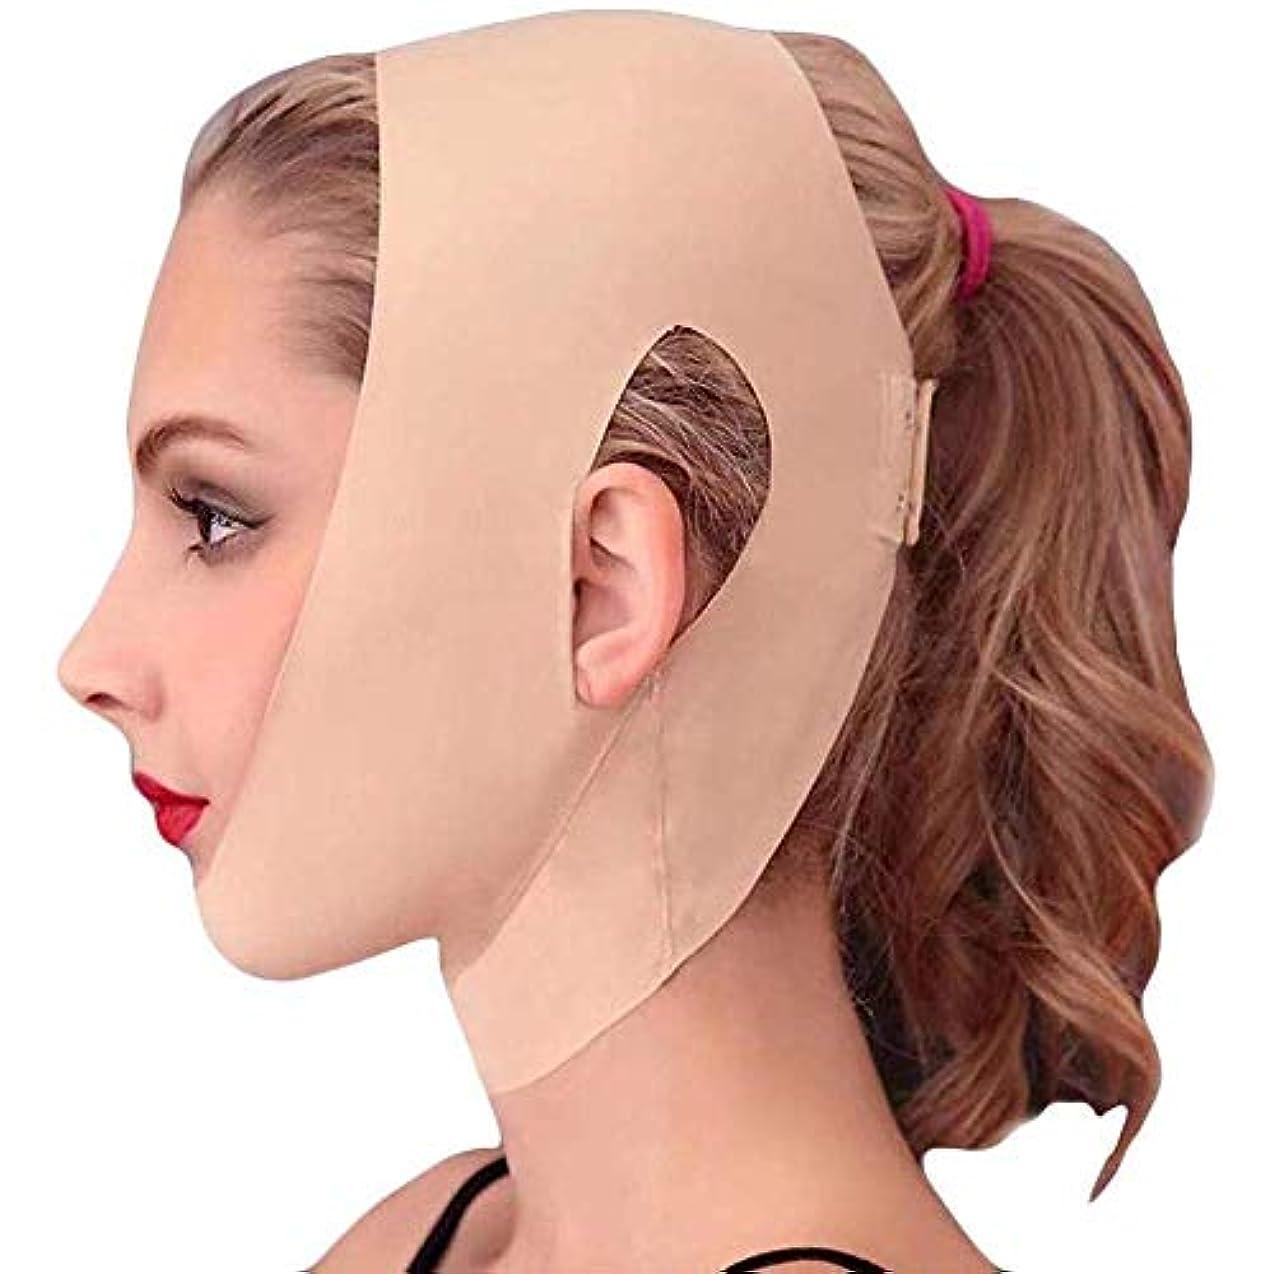 調整ベイビービールHUYYA 女性の顔を持ち上げるベルト、しわ防止包帯 Vライン頬 二重あごの減量顔,Flesh_Large